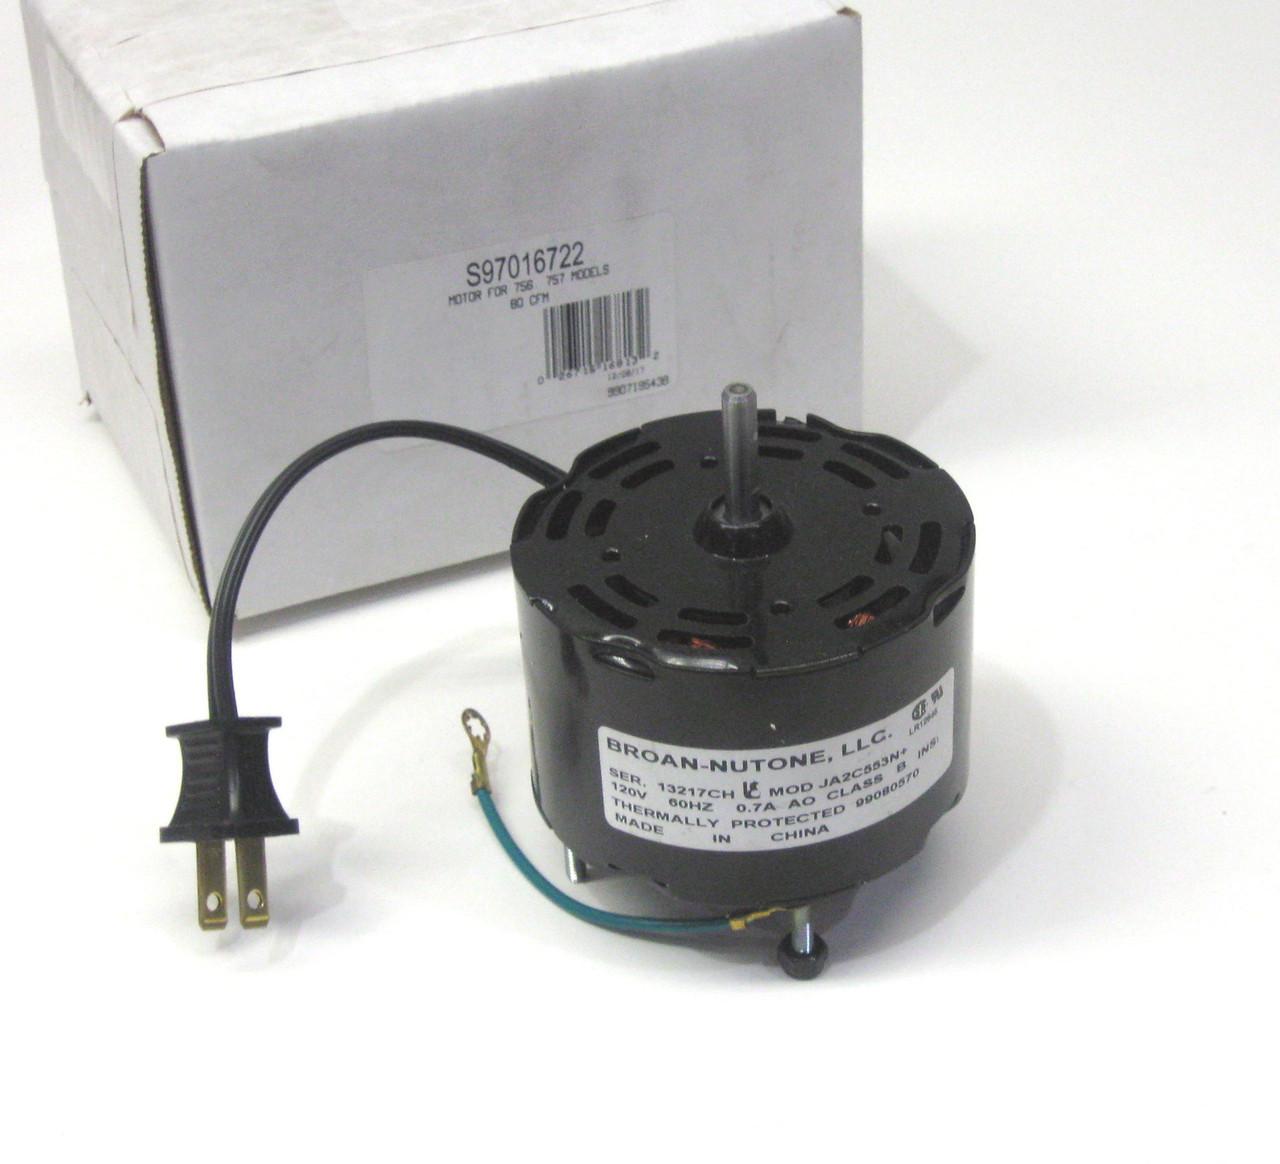 broan nutone s97016722 bathroom fan motor for 756x 757 80 cfm models